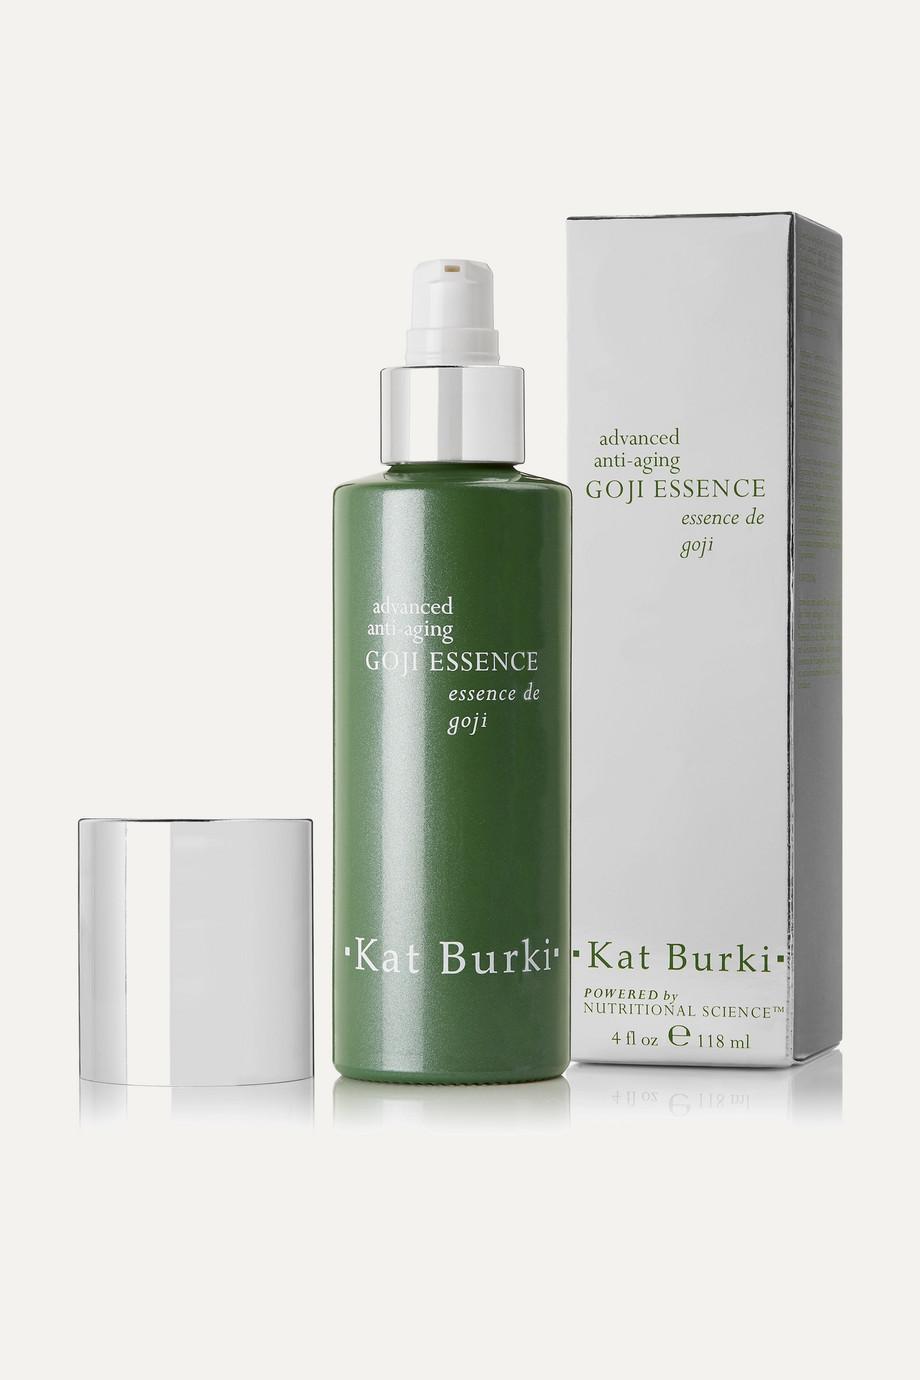 Kat Burki Advanced Anti-Aging Goji Essence, 118ml